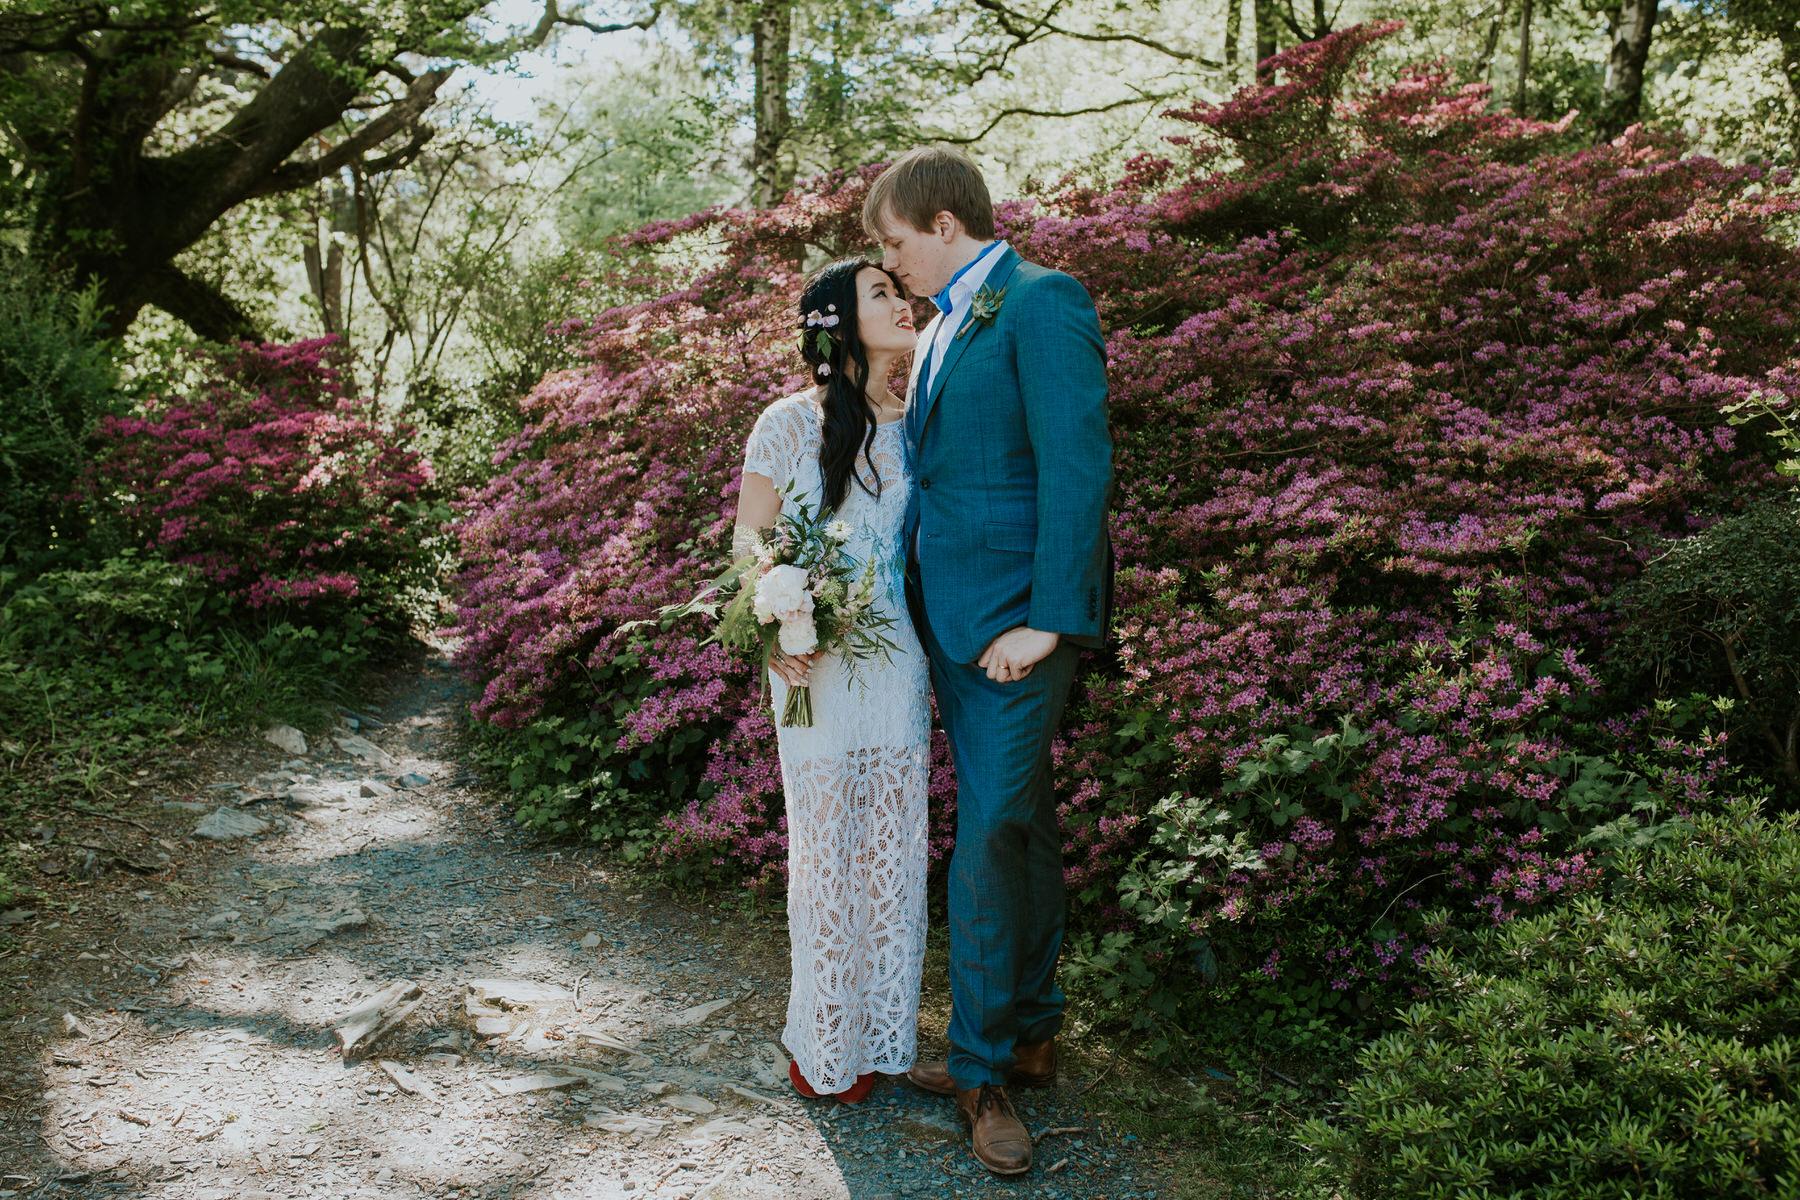 730 Portmeirion bride groom wedding portrait pink floral background.jpg